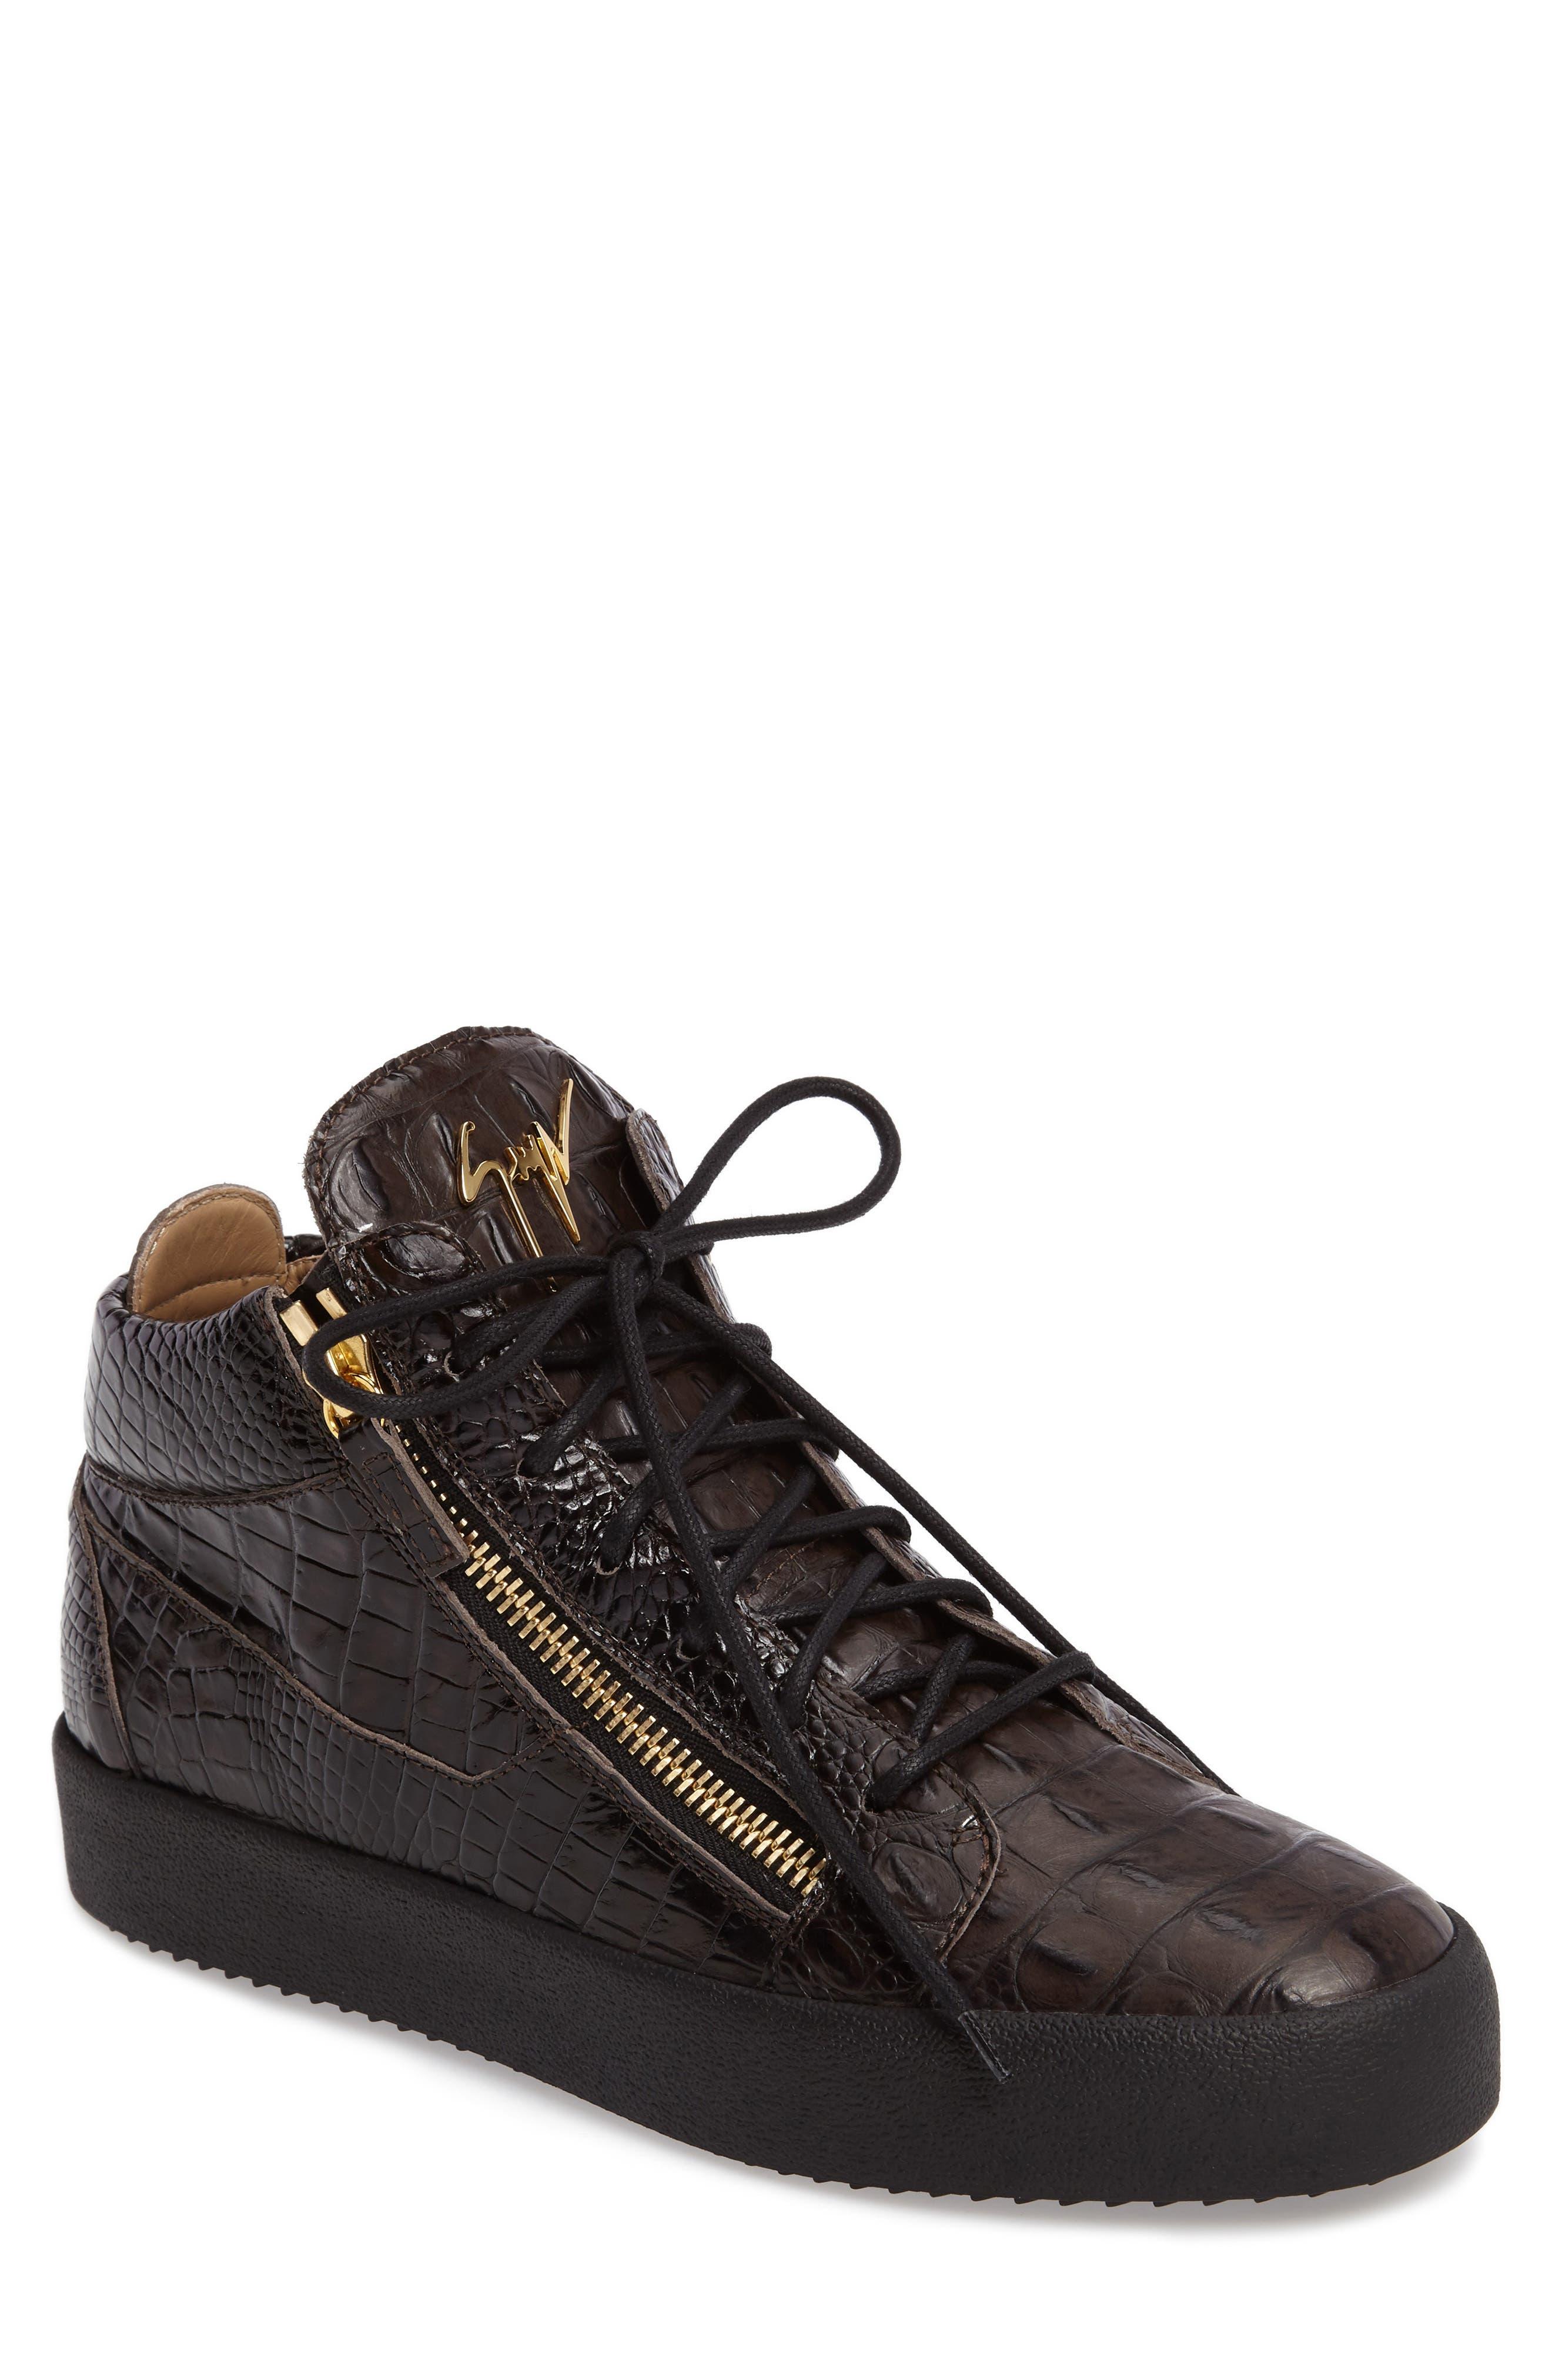 14f655ac227 SHOPPING Giuseppe Zanotti Mid Top Sneaker (Men) ✓ If you re looking ...